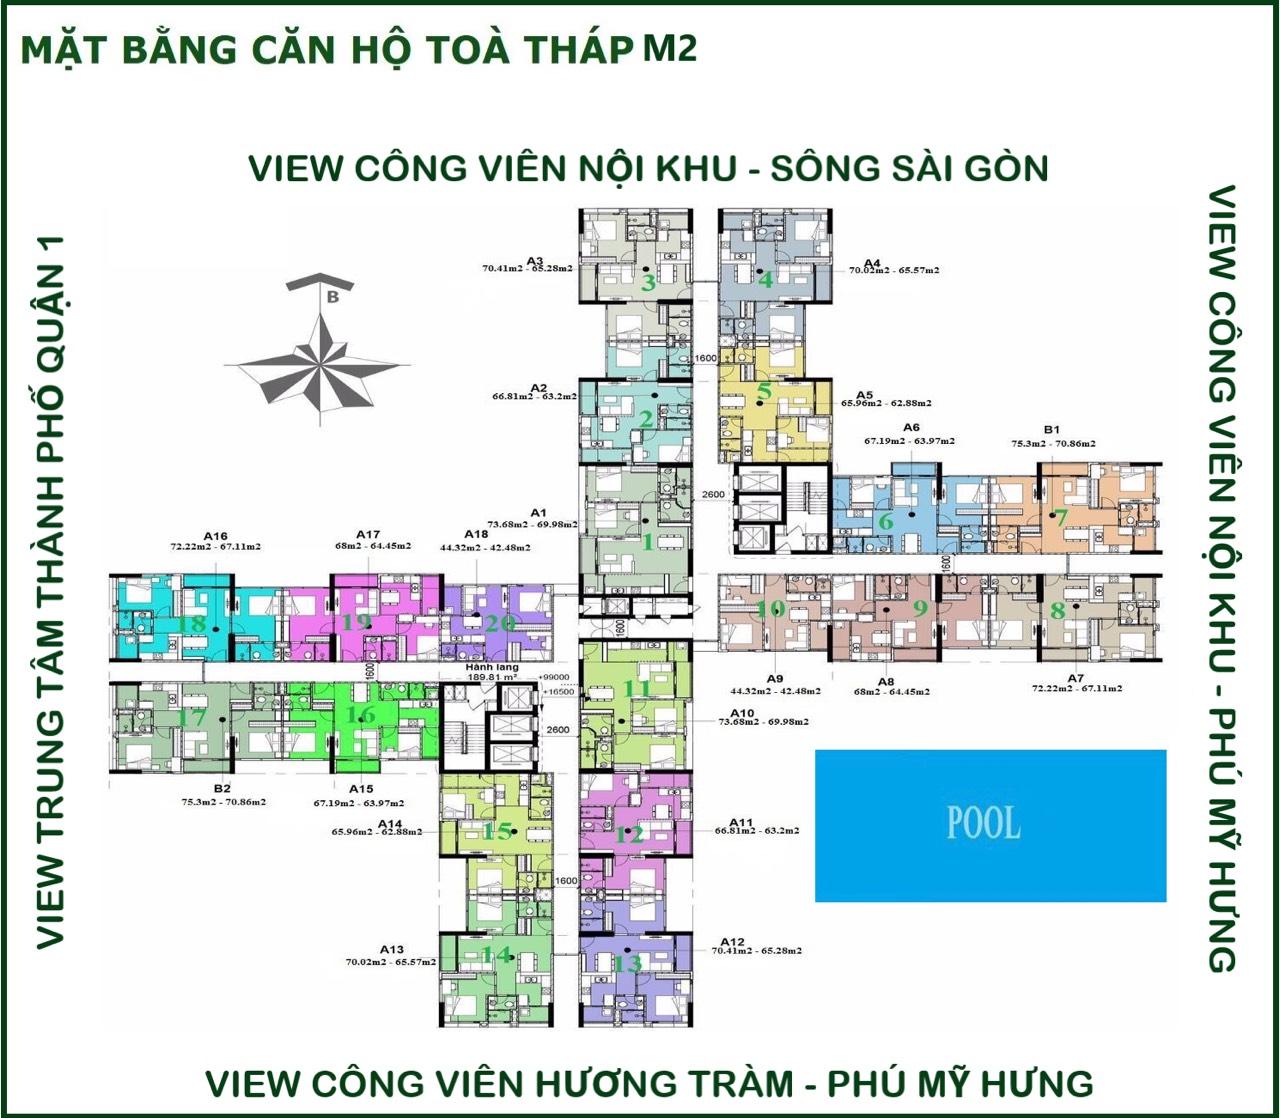 Mặt bằng chi tiết căn hộ Eco Green Sài Gòn Tòa M2